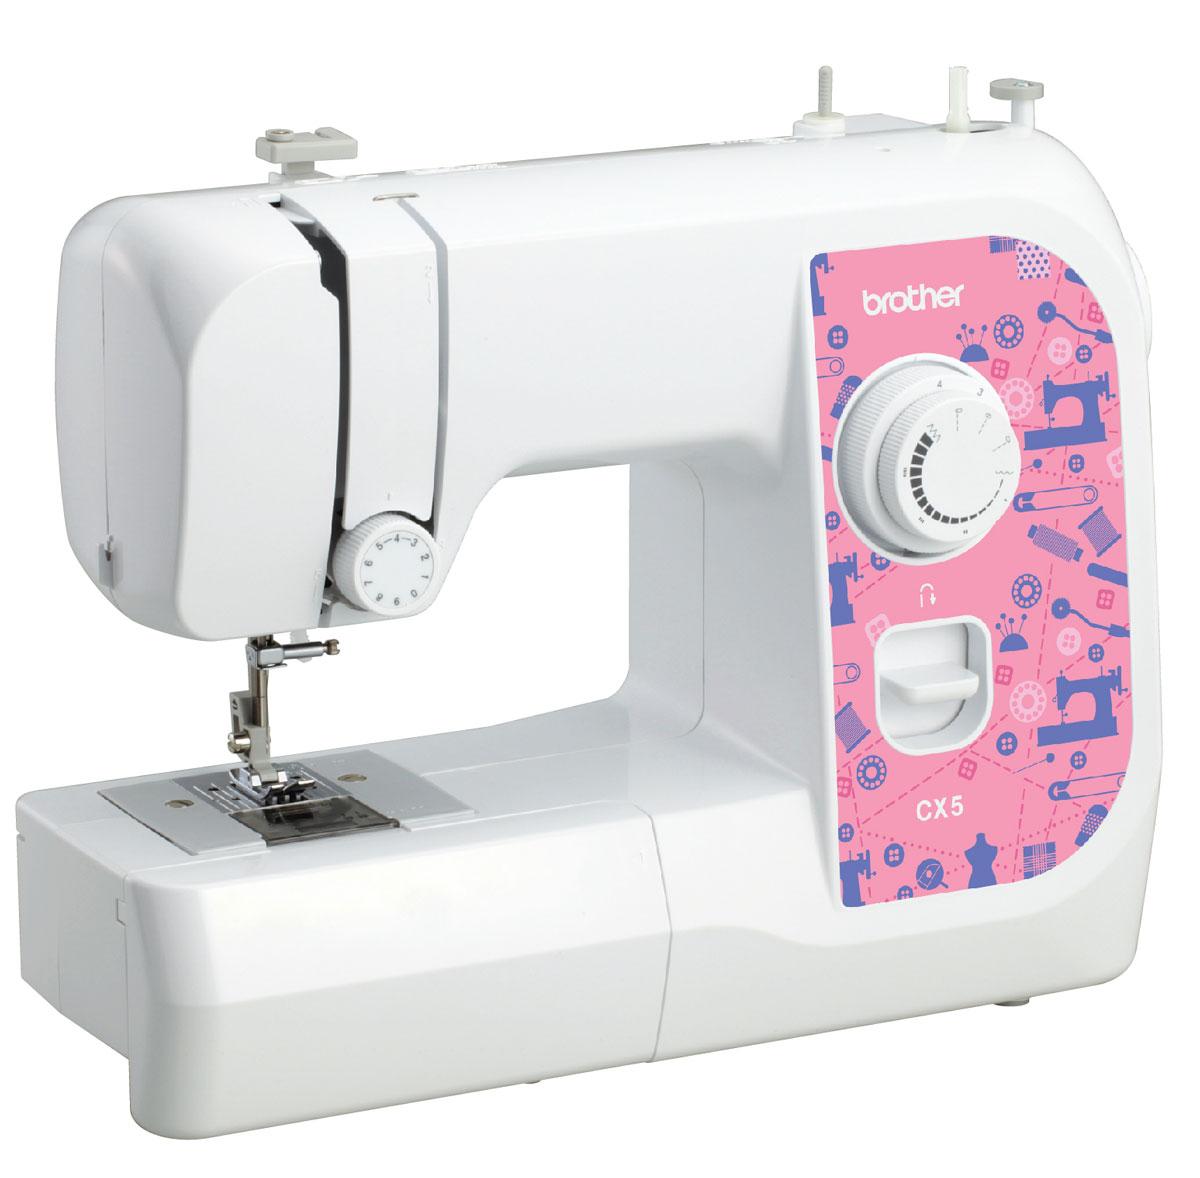 Brother CX5 швейная машинаCX5Машина Brother CX5 идеально подходит для выполнения основных швейных операций при изготовлении и ремонте одежды. Эта надежная машина имеет традиционный набор функций, который необходим для шитья.